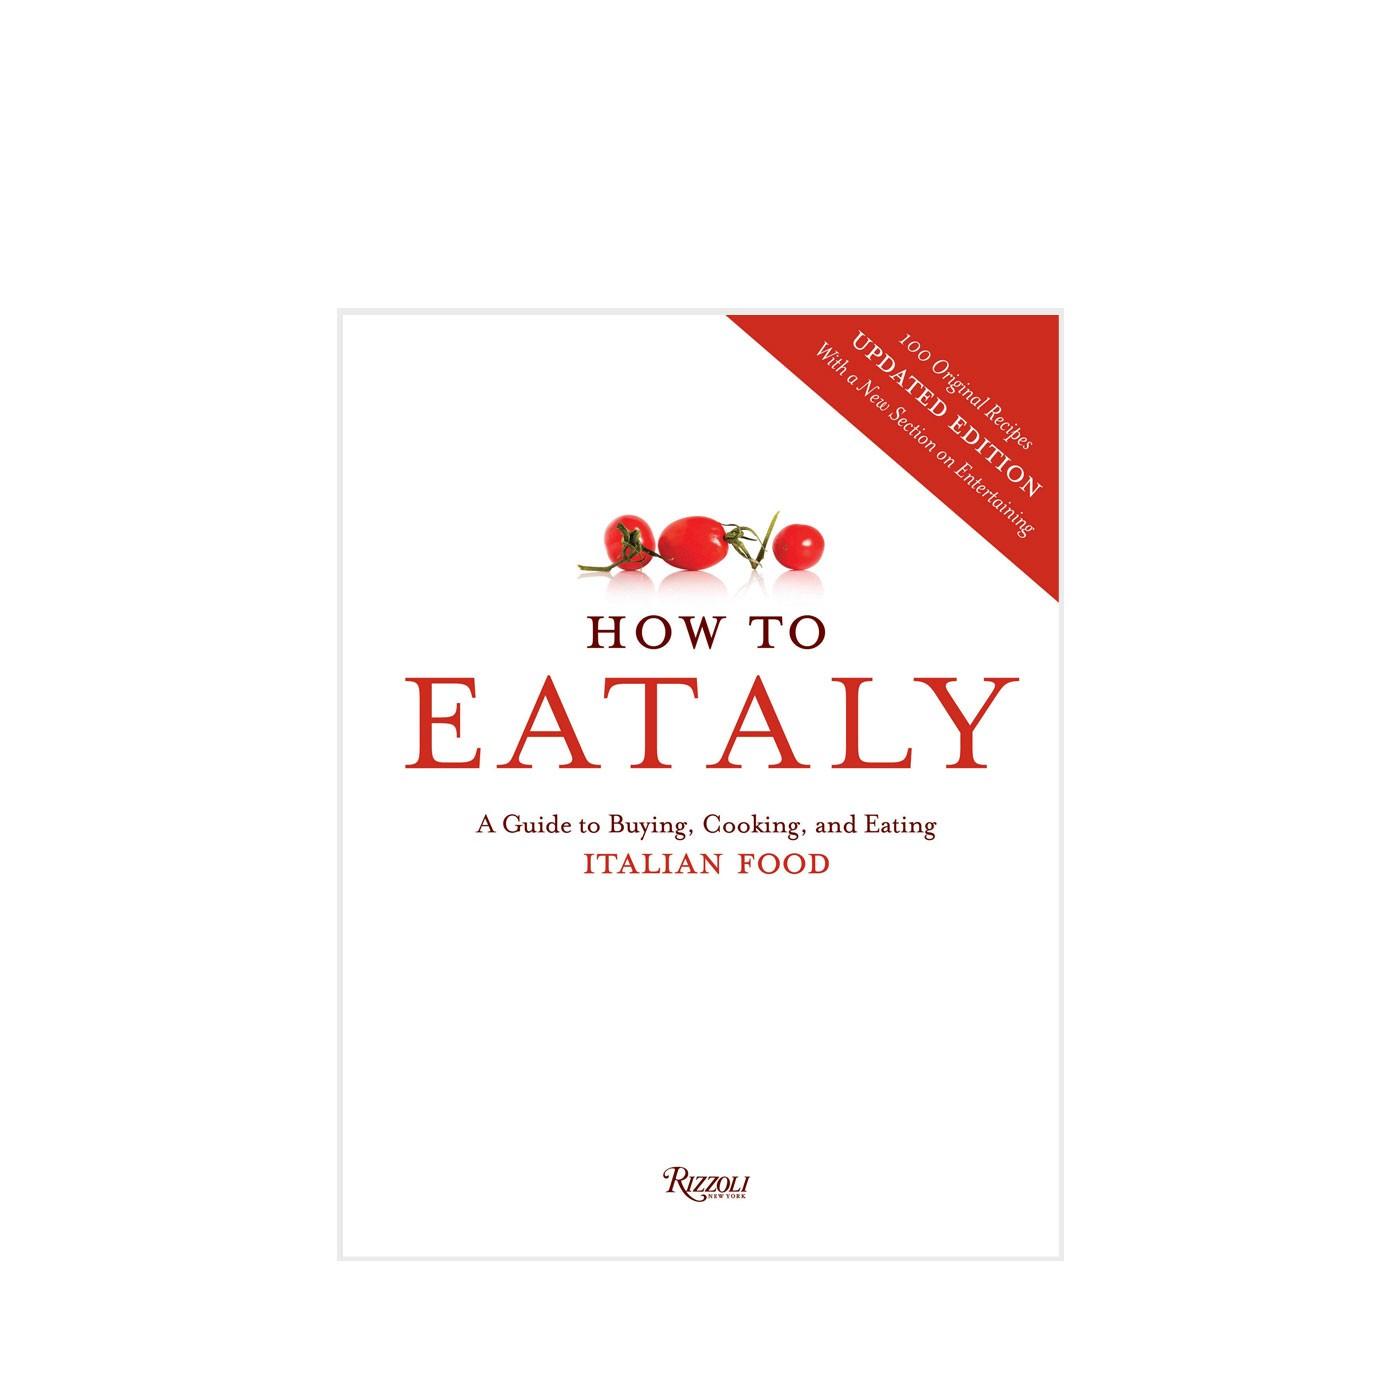 How to Eataly II